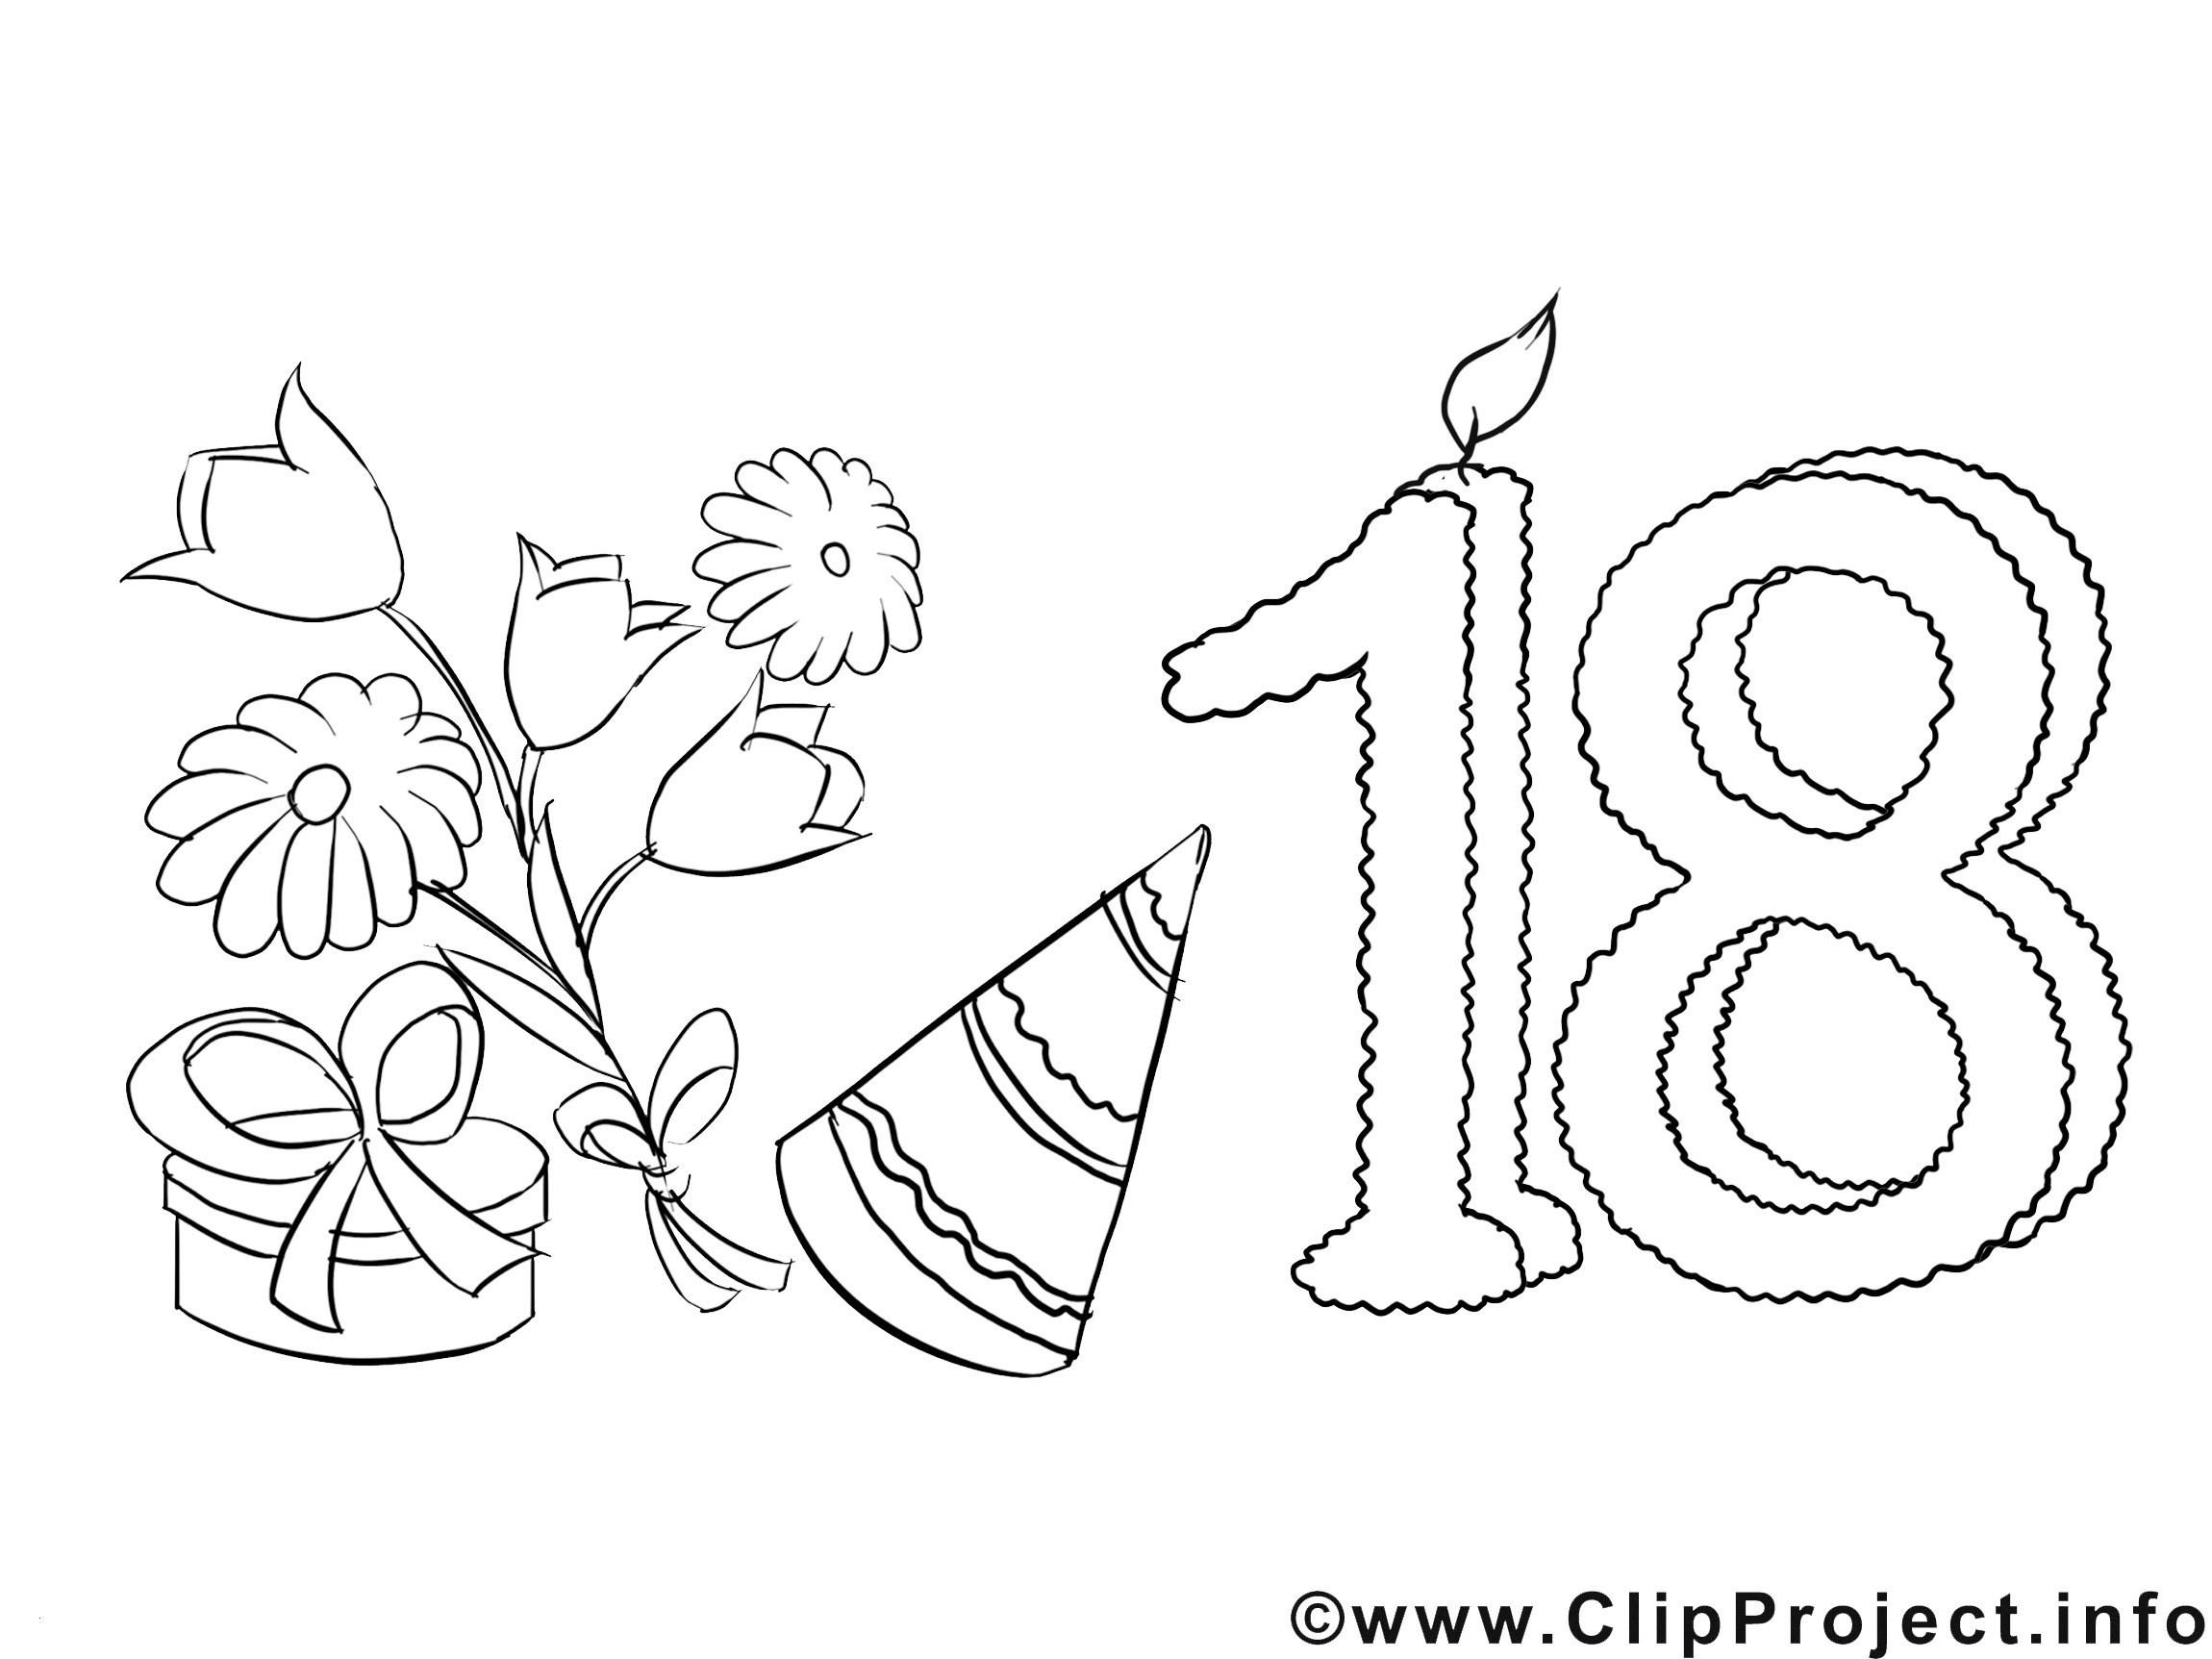 Maulwurf Bilder Zum Drucken Das Beste Von Ausmalbilder Kleiner Maulwurf Schön 50 Luxus Ausmalbilder Mandala Bilder